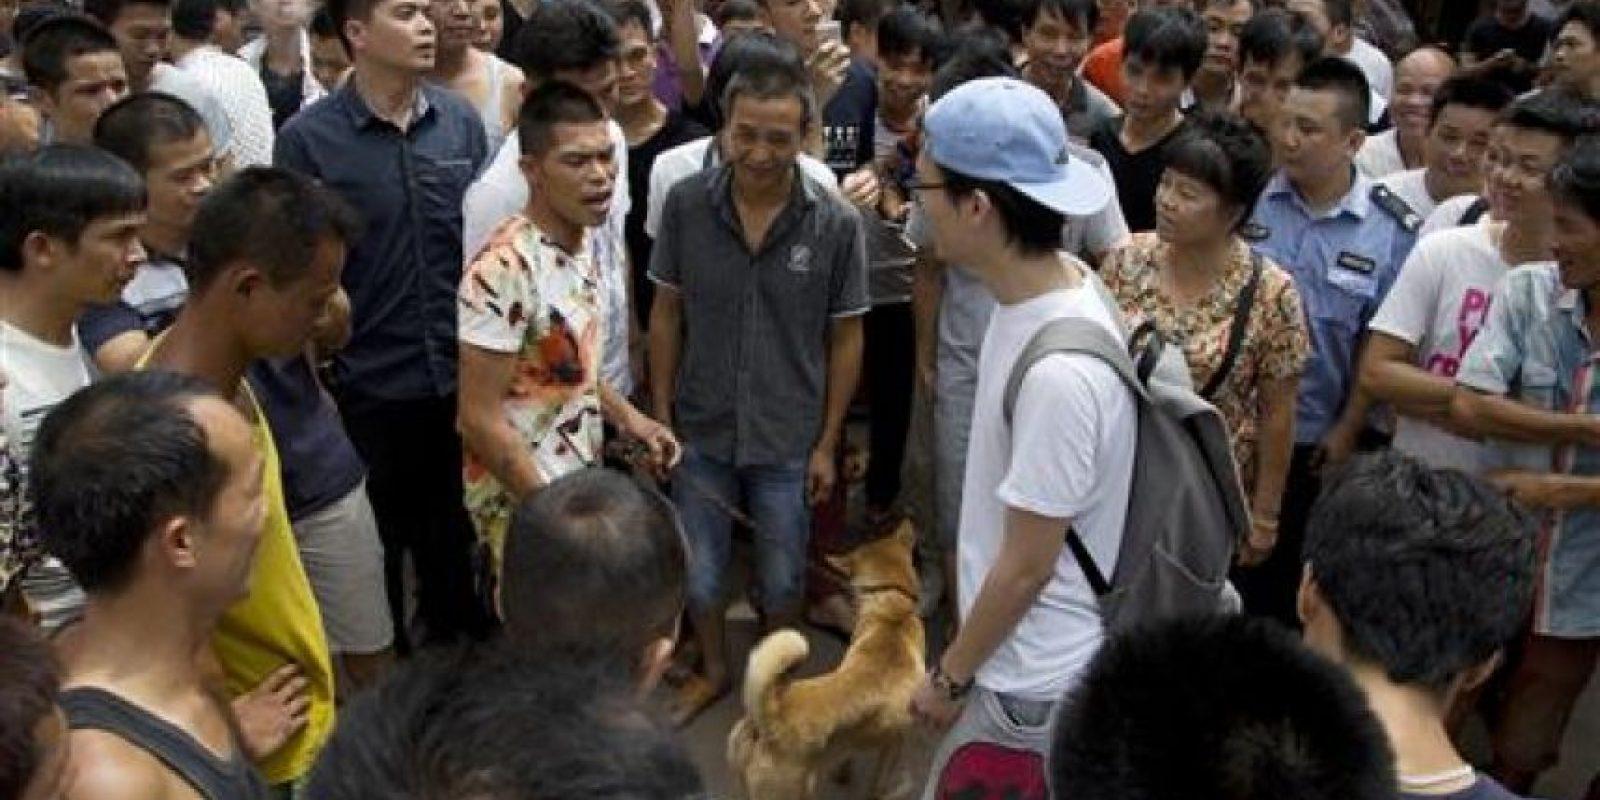 Se estima que cada año se consumen cerca de 10 millones de perros en China, la gran mayoría robados y sacrificados de manera ilegal. Foto:AP